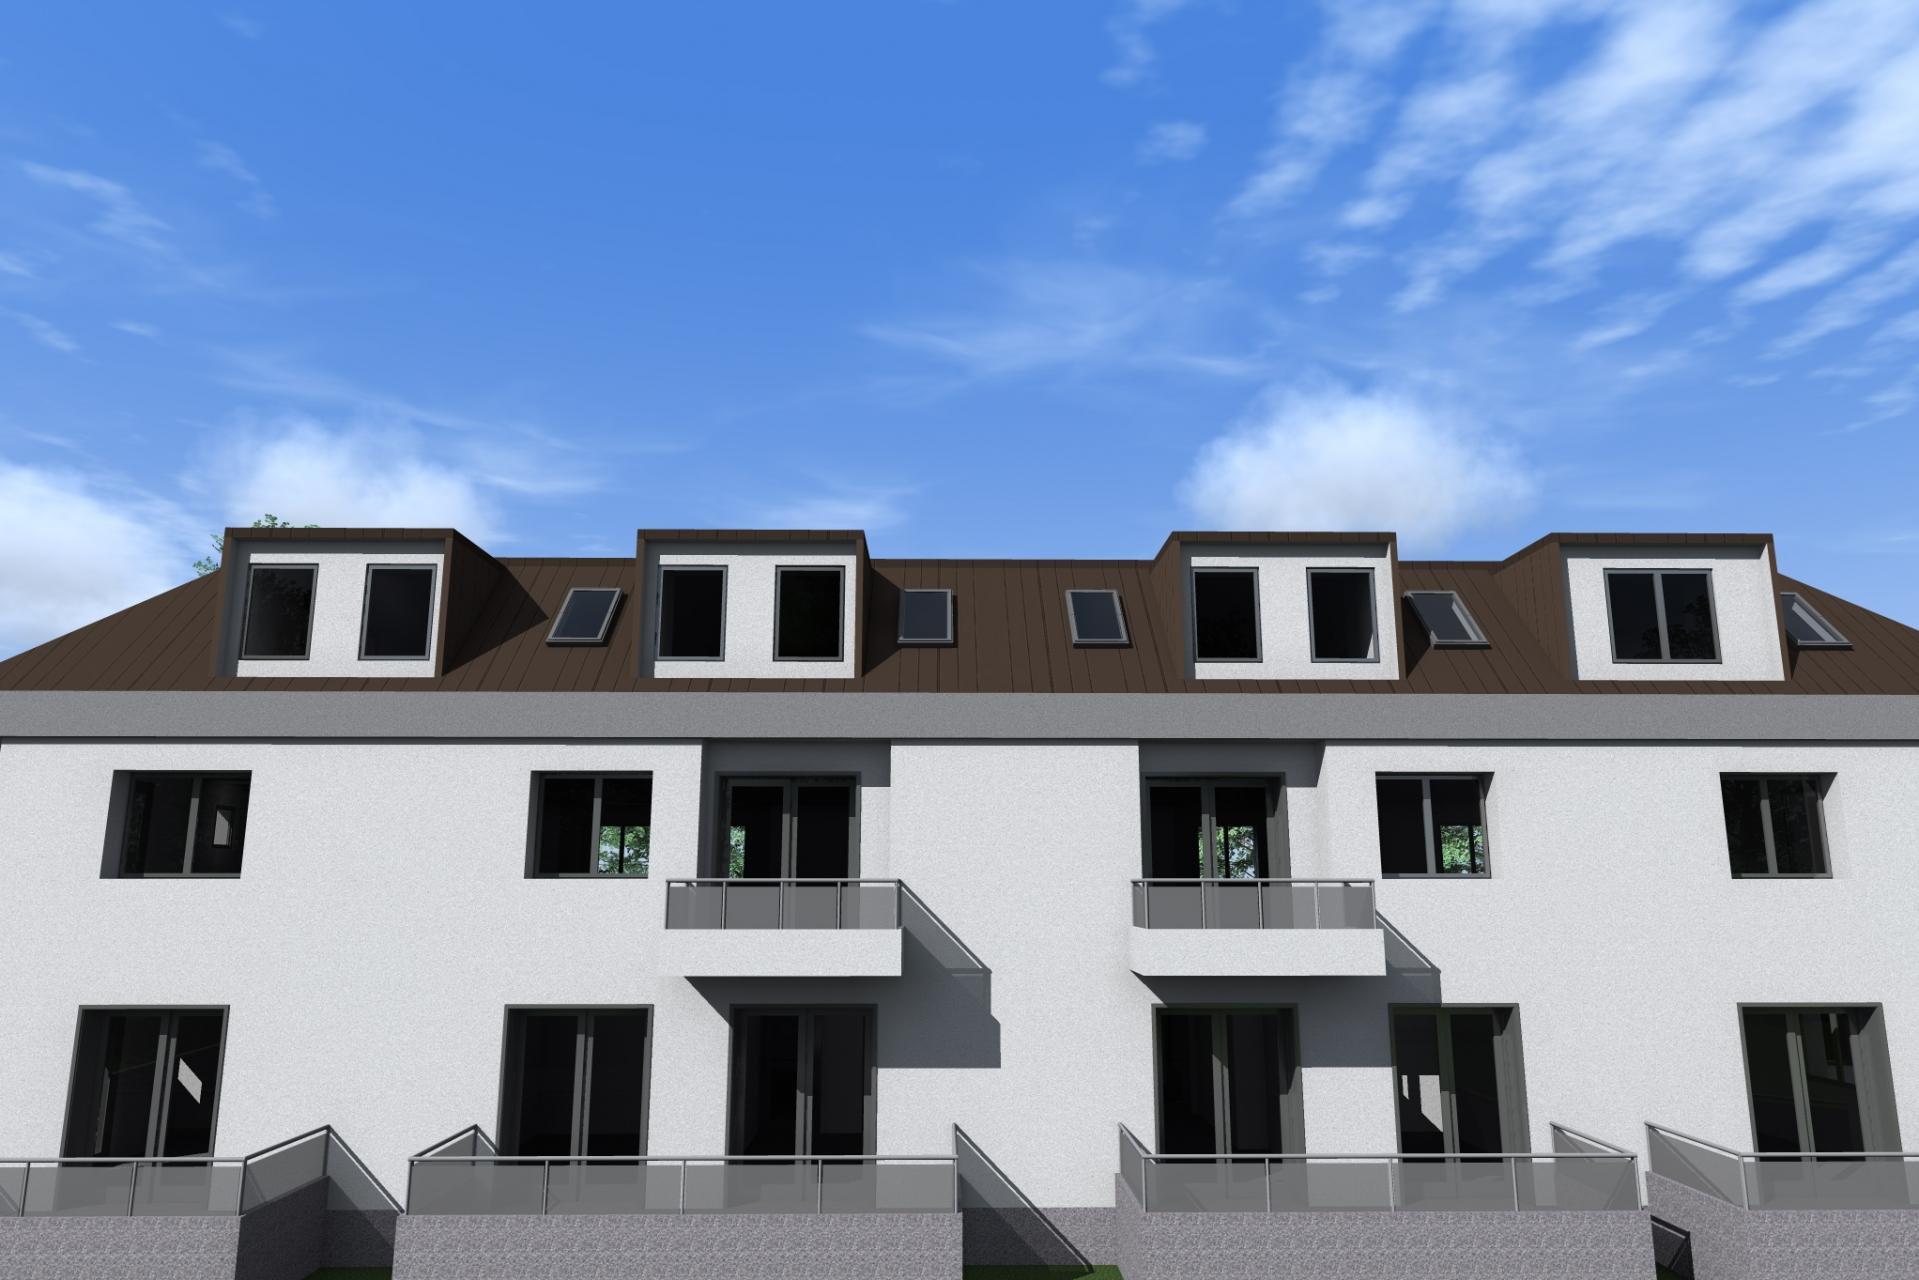 résidence à Lieler (Clervaux)